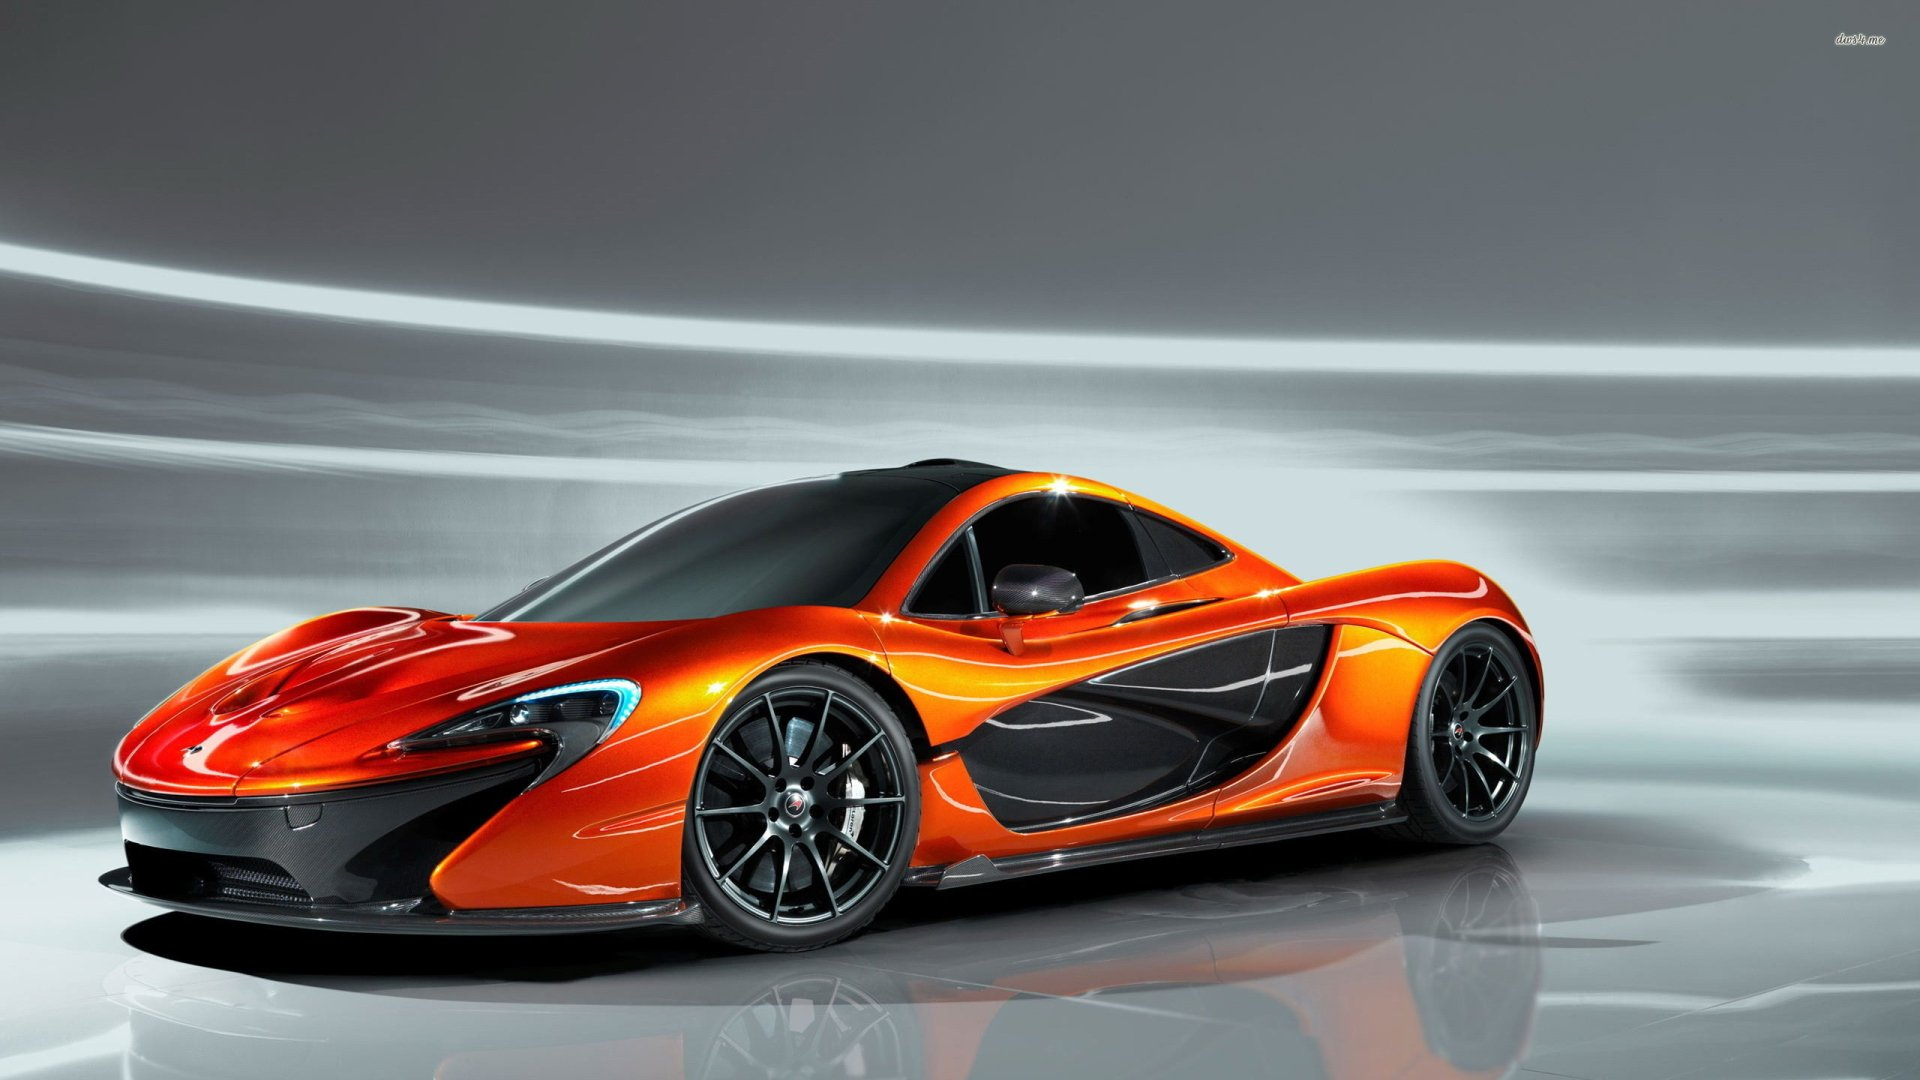 Vehicles - McLaren P1  McLaren Wallpaper